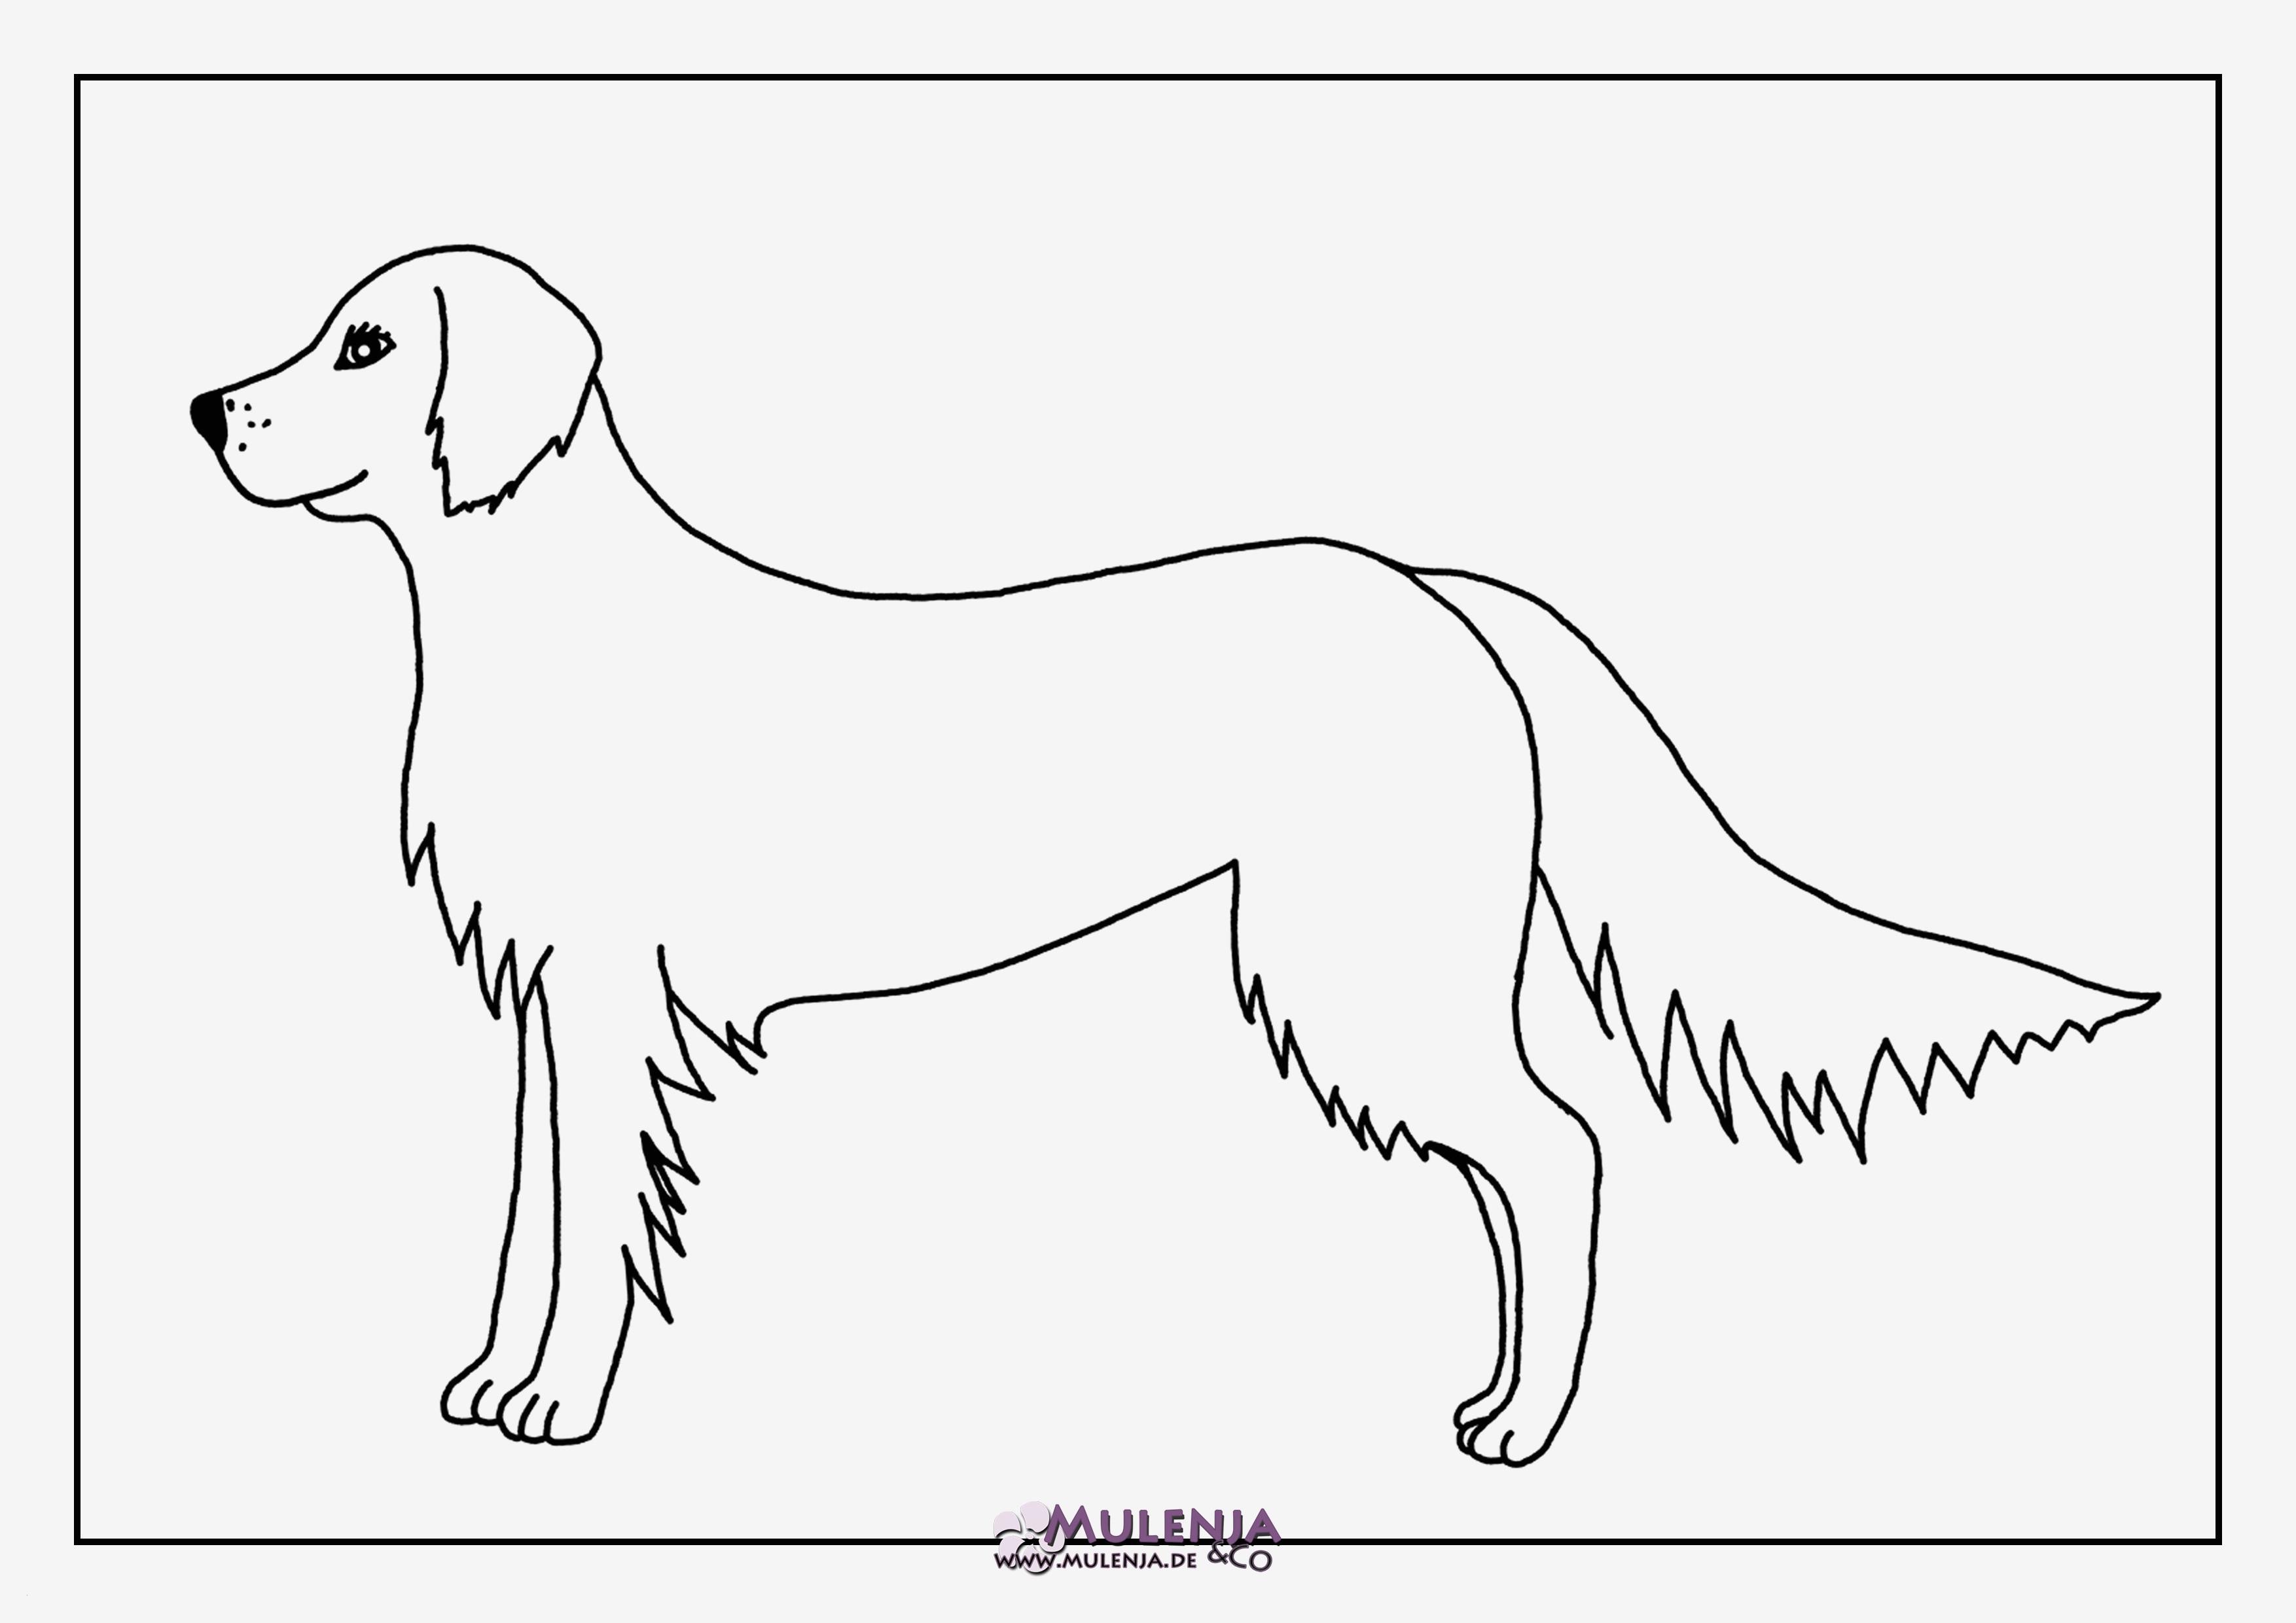 Ausmalbilder Zum Ausdrucken Hunde Inspirierend Malvorlagen Hunde Kostenlos Ausdrucken Beispielbilder Färben Stock